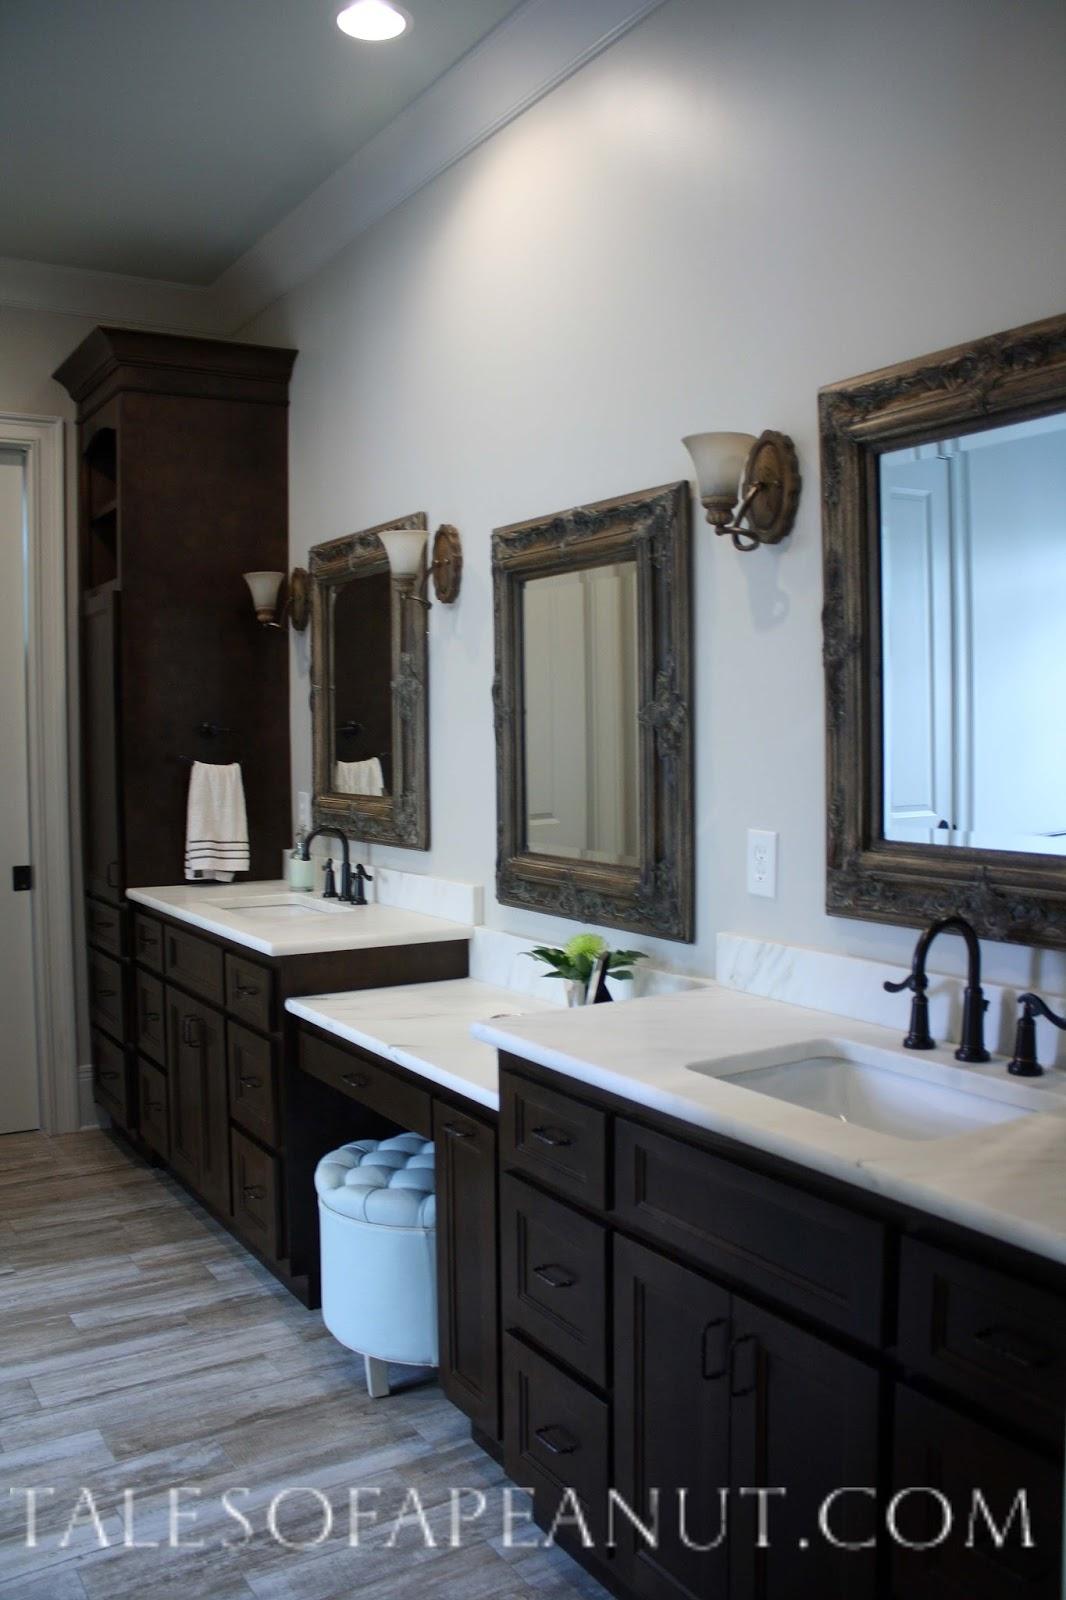 Building A Home U2013 Master Bathroom Reveal